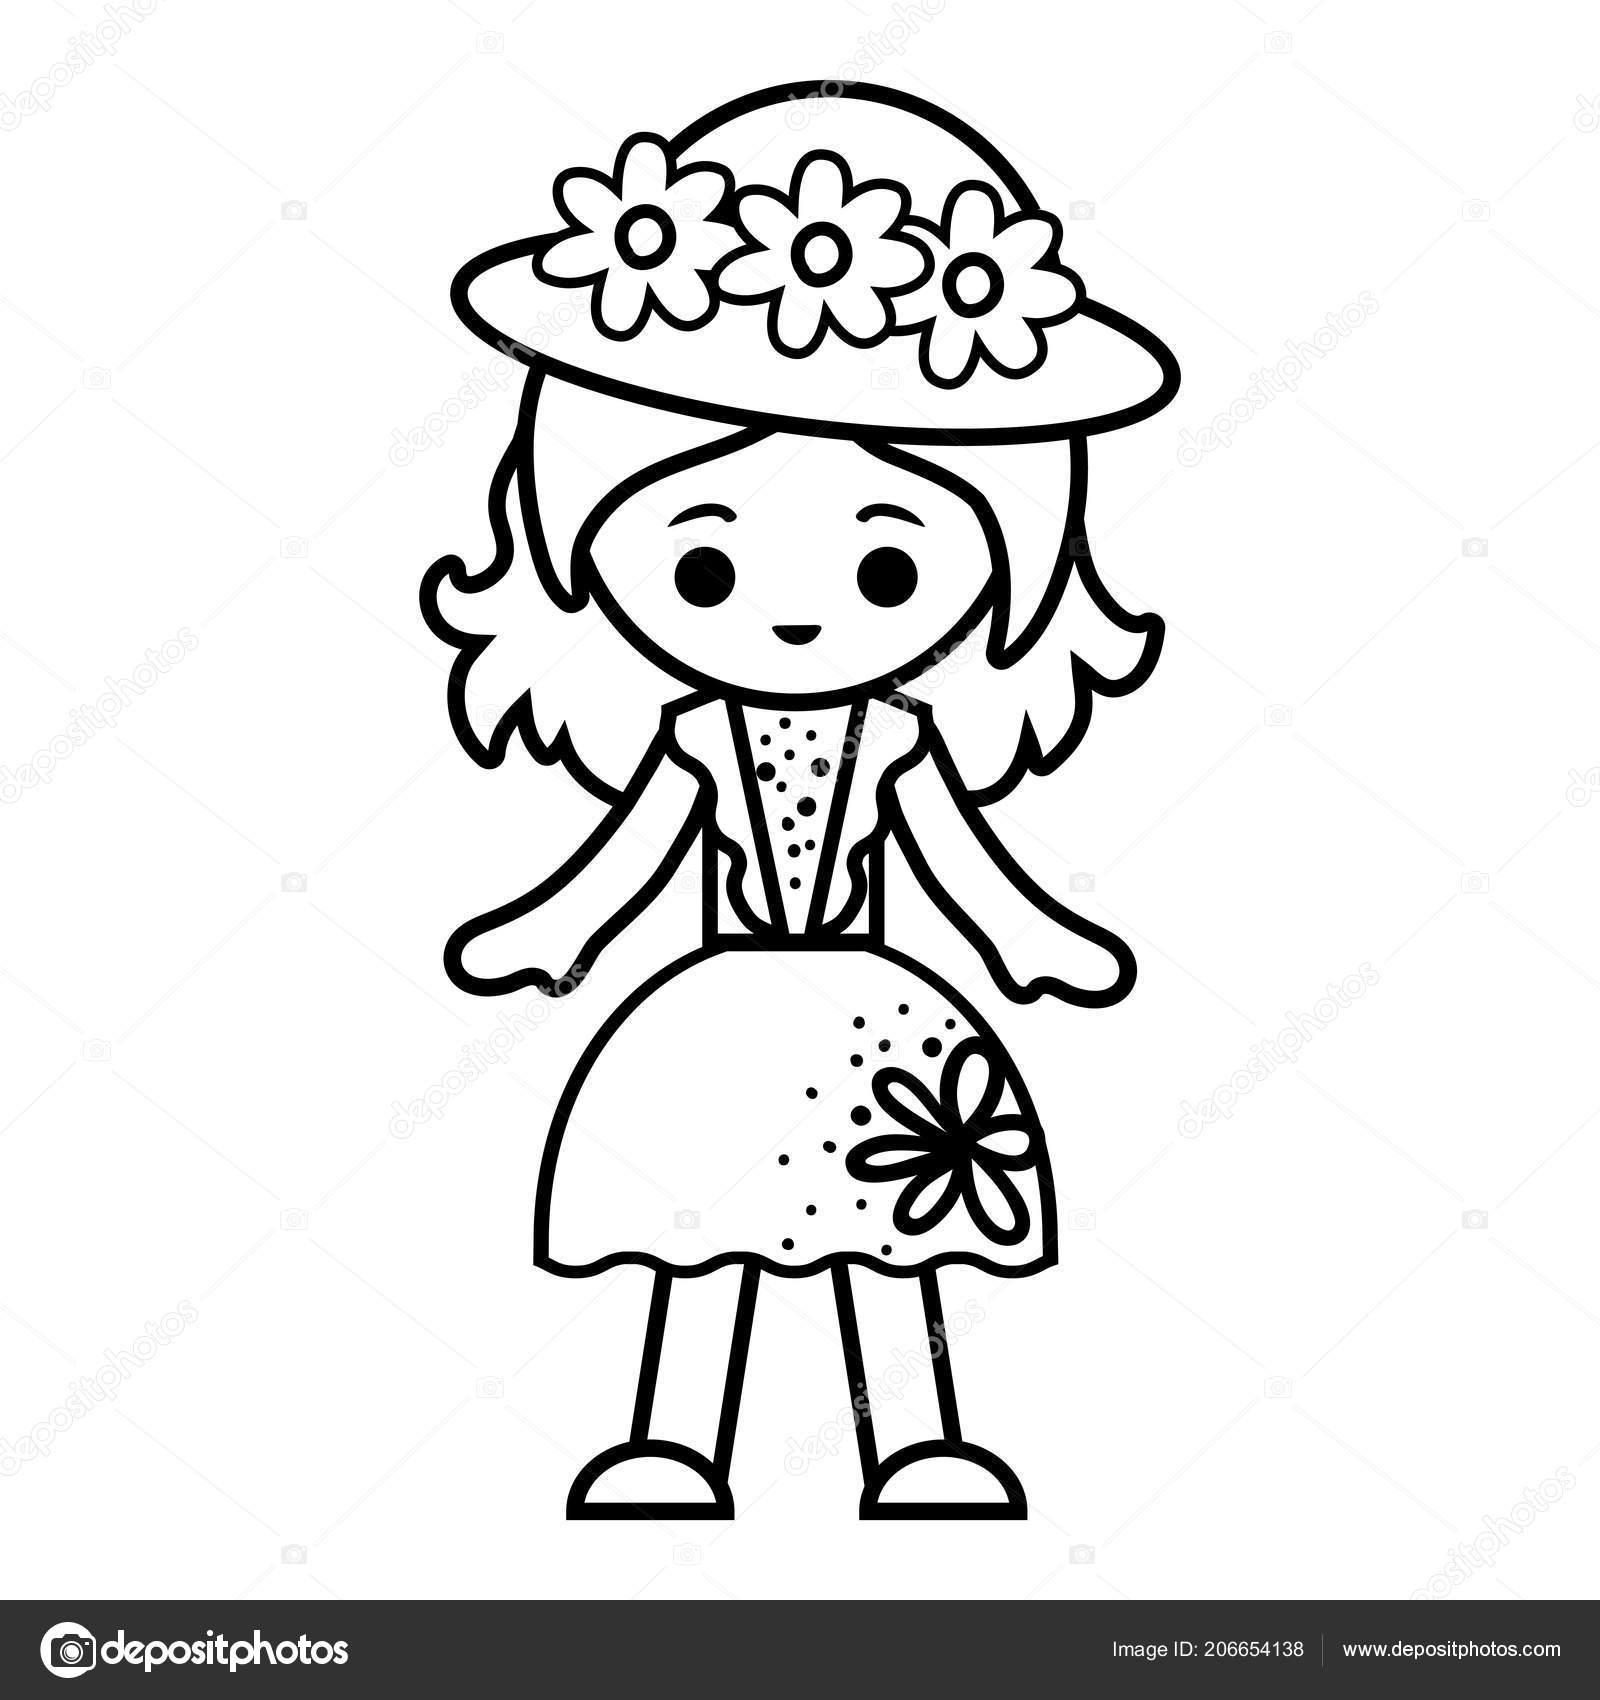 şapka Yaz Elbiseli Kız çocuklar Için Boyama Kitabı Stok Vektör